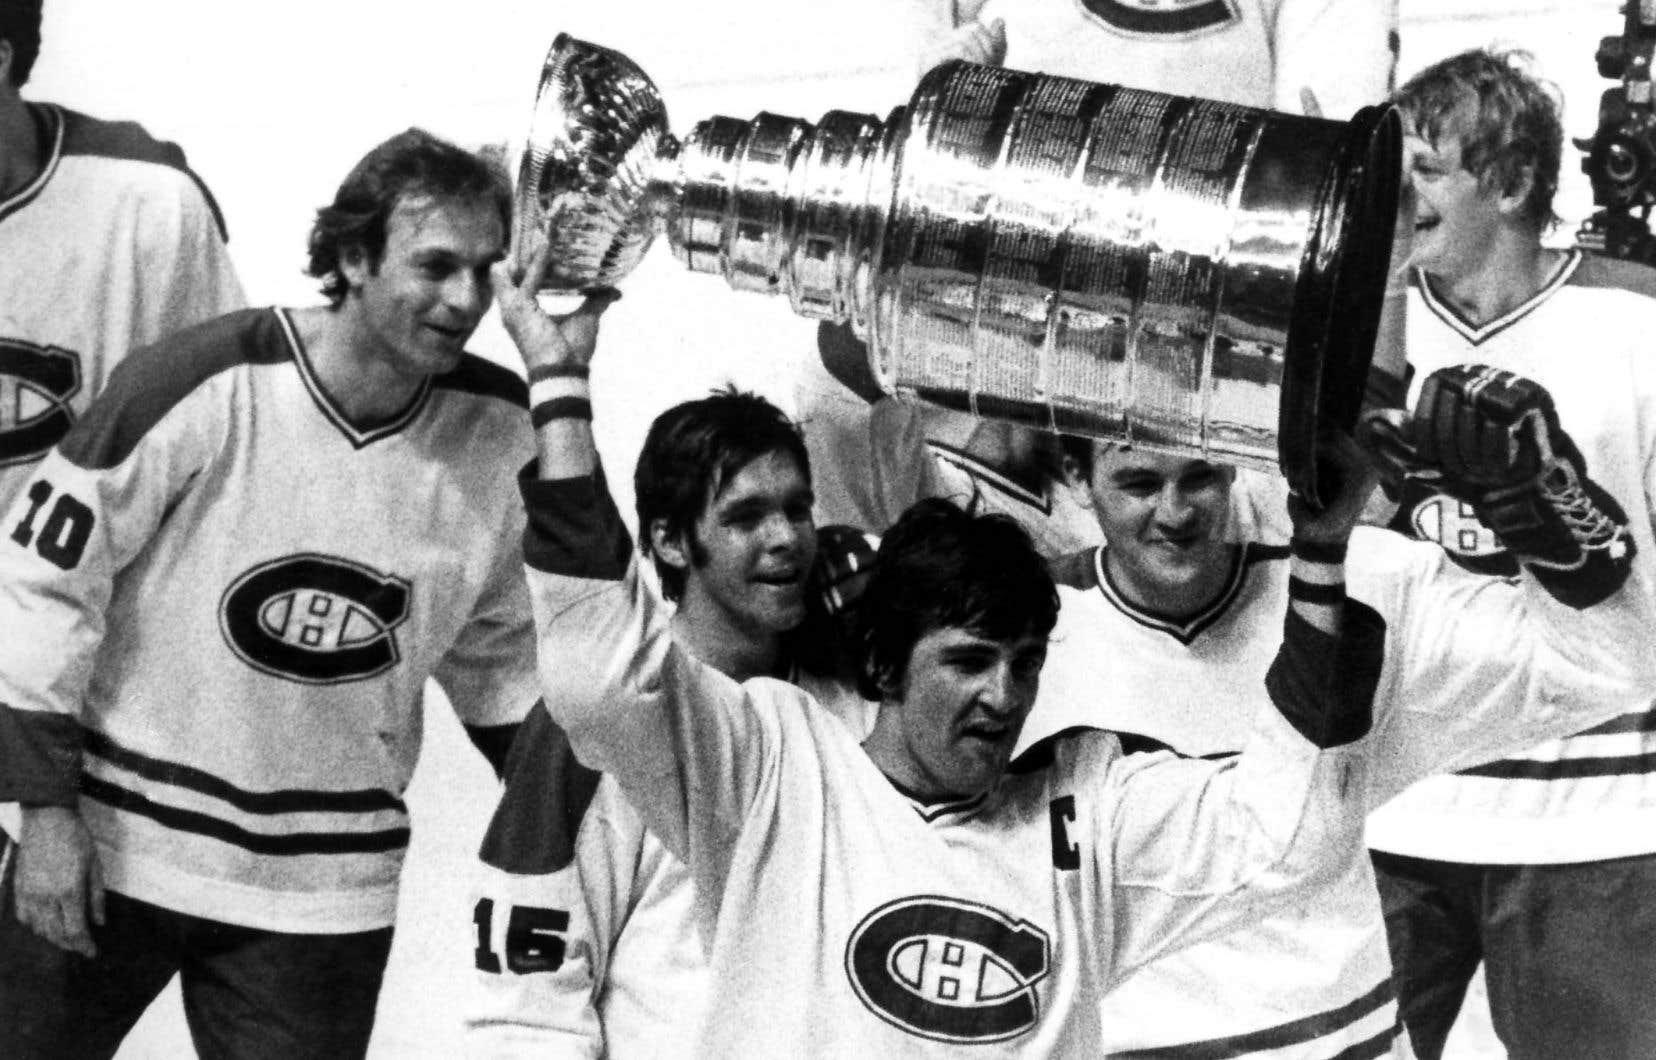 TVA Sports a proposé dans les derniers jours la diffusion des quatre victoires de la Coupe Stanley consécutives remportées par les Canadiens de Montréal de 1976 à 1979 (notre photo).